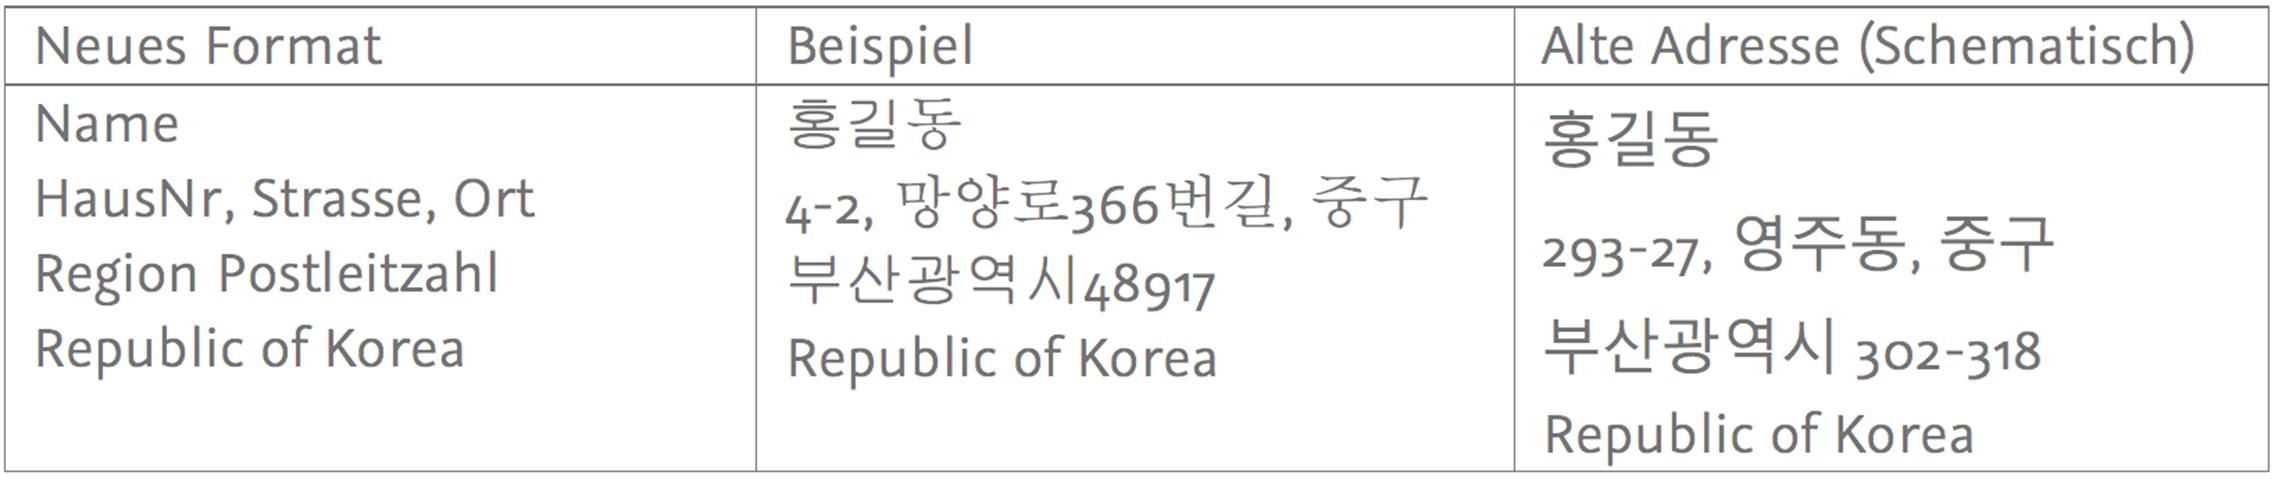 Koreanische_Adresse_b